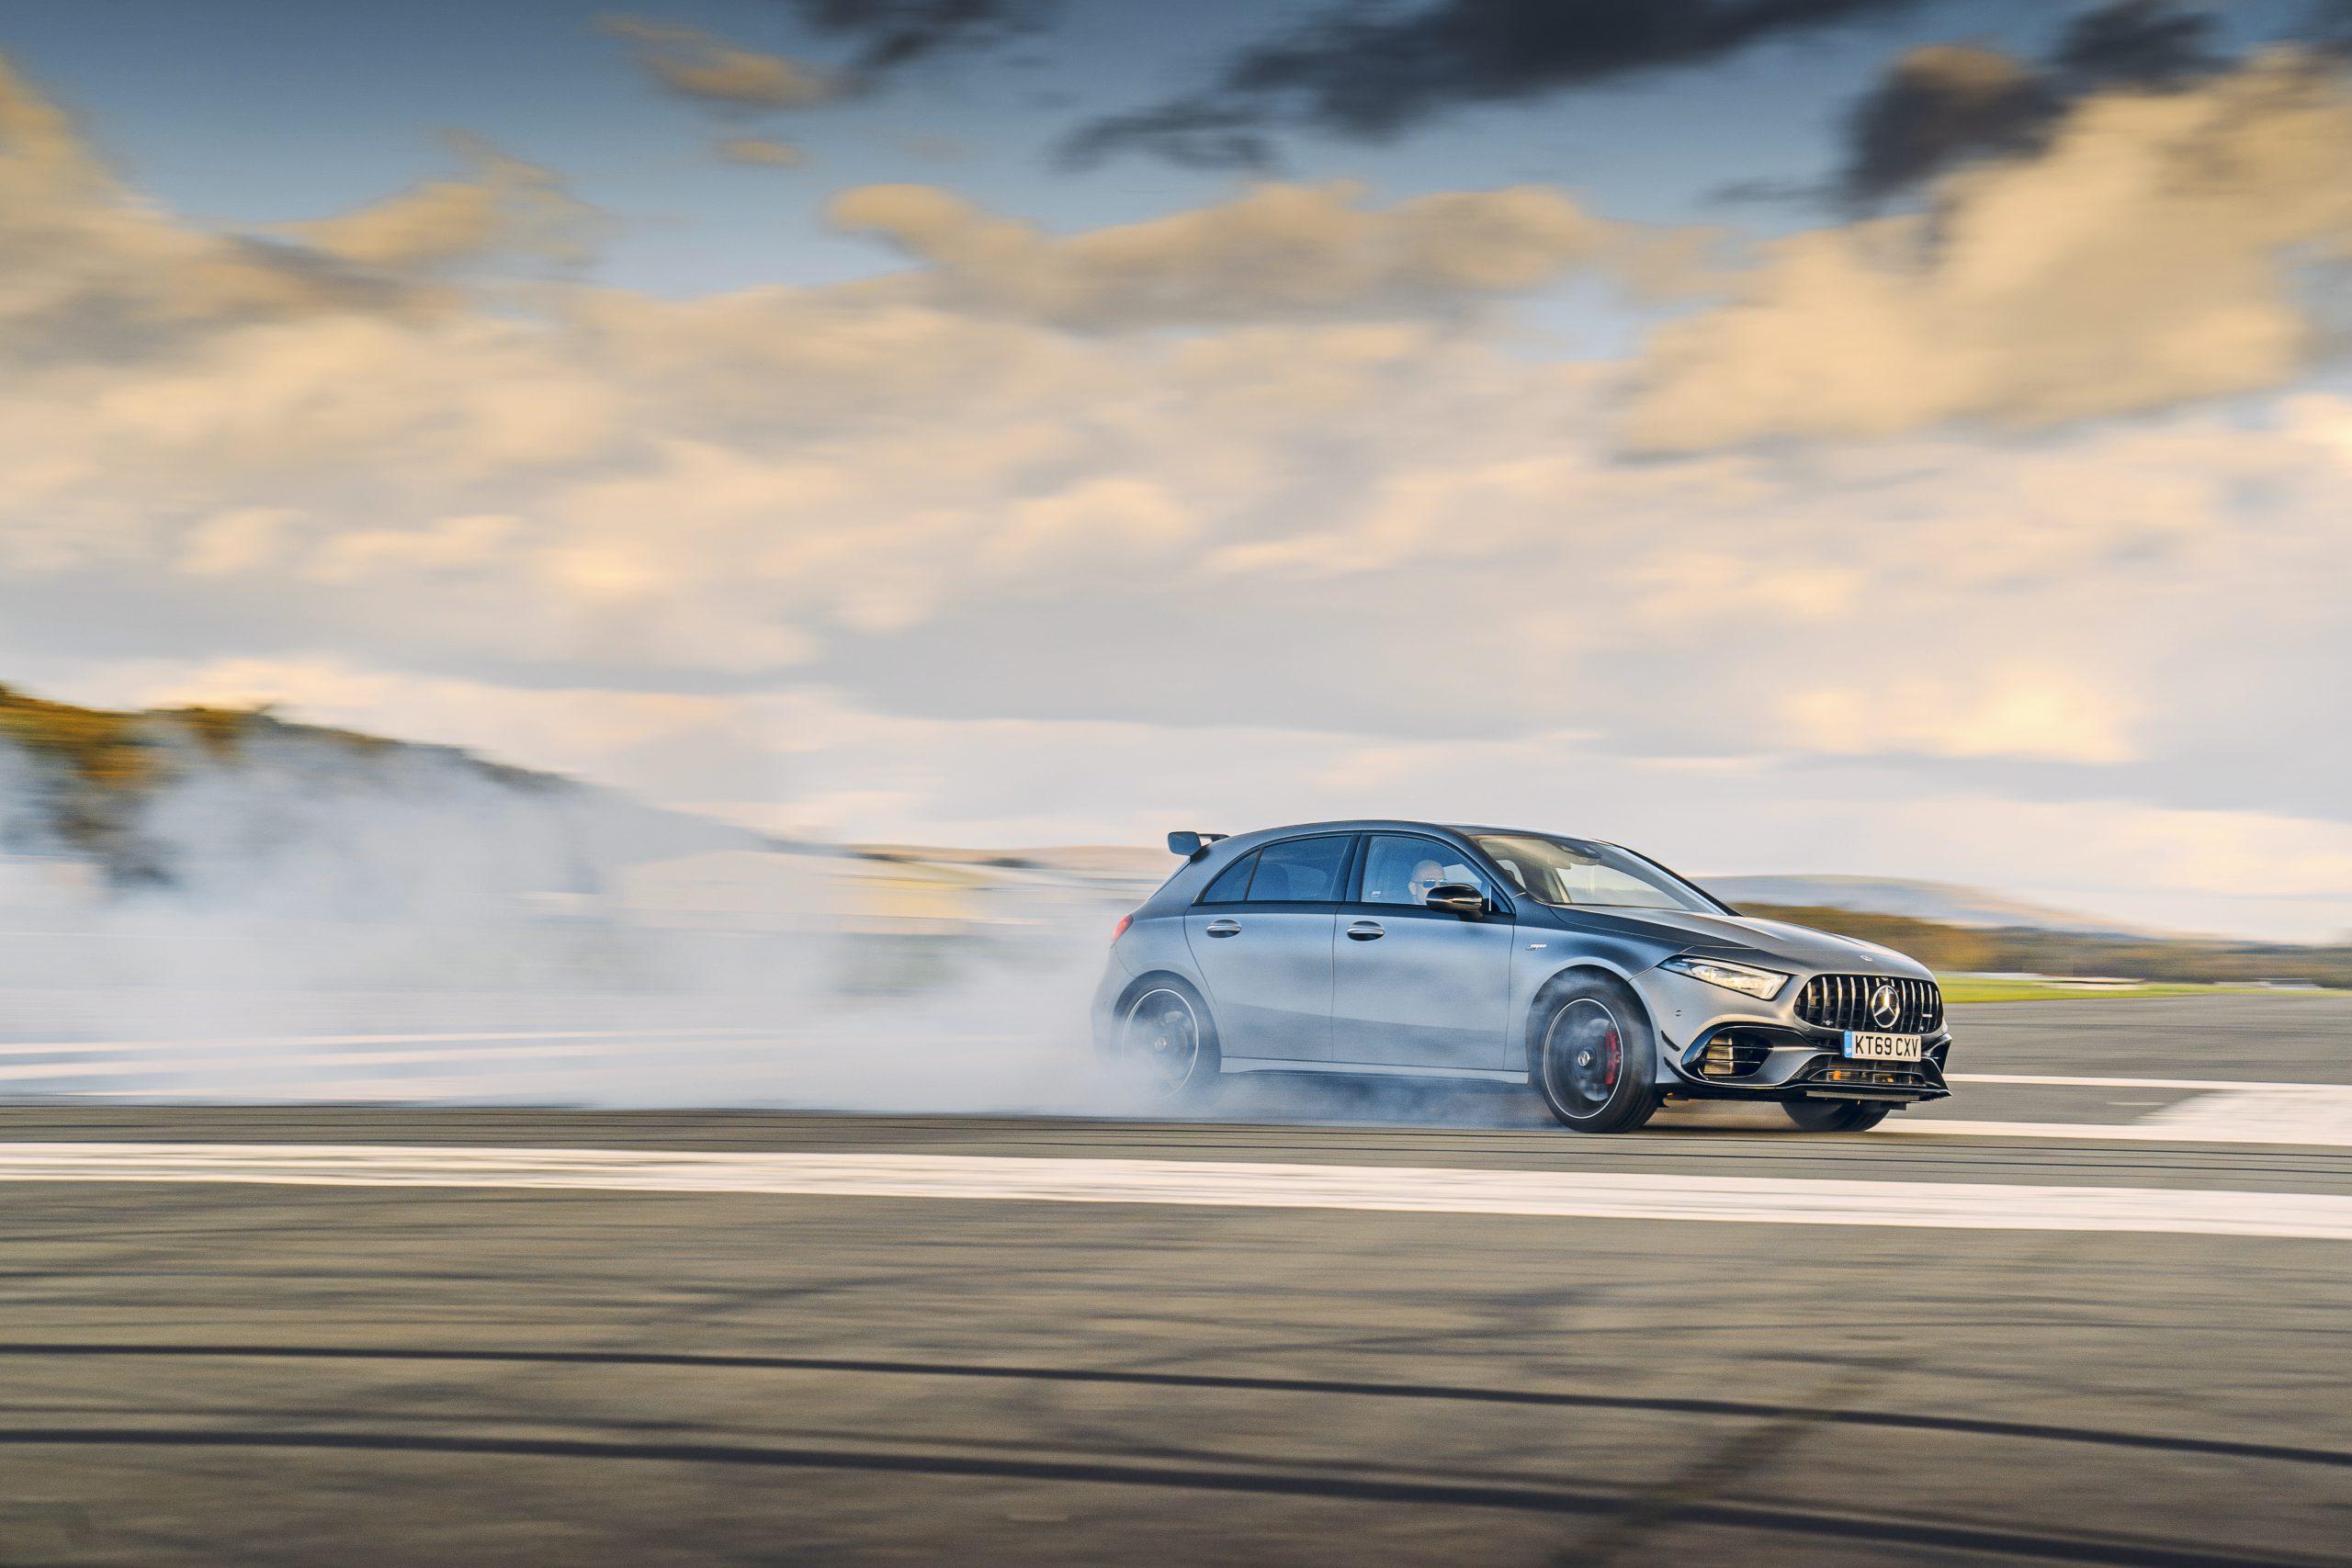 Mercedes-AMG A 45 S drift